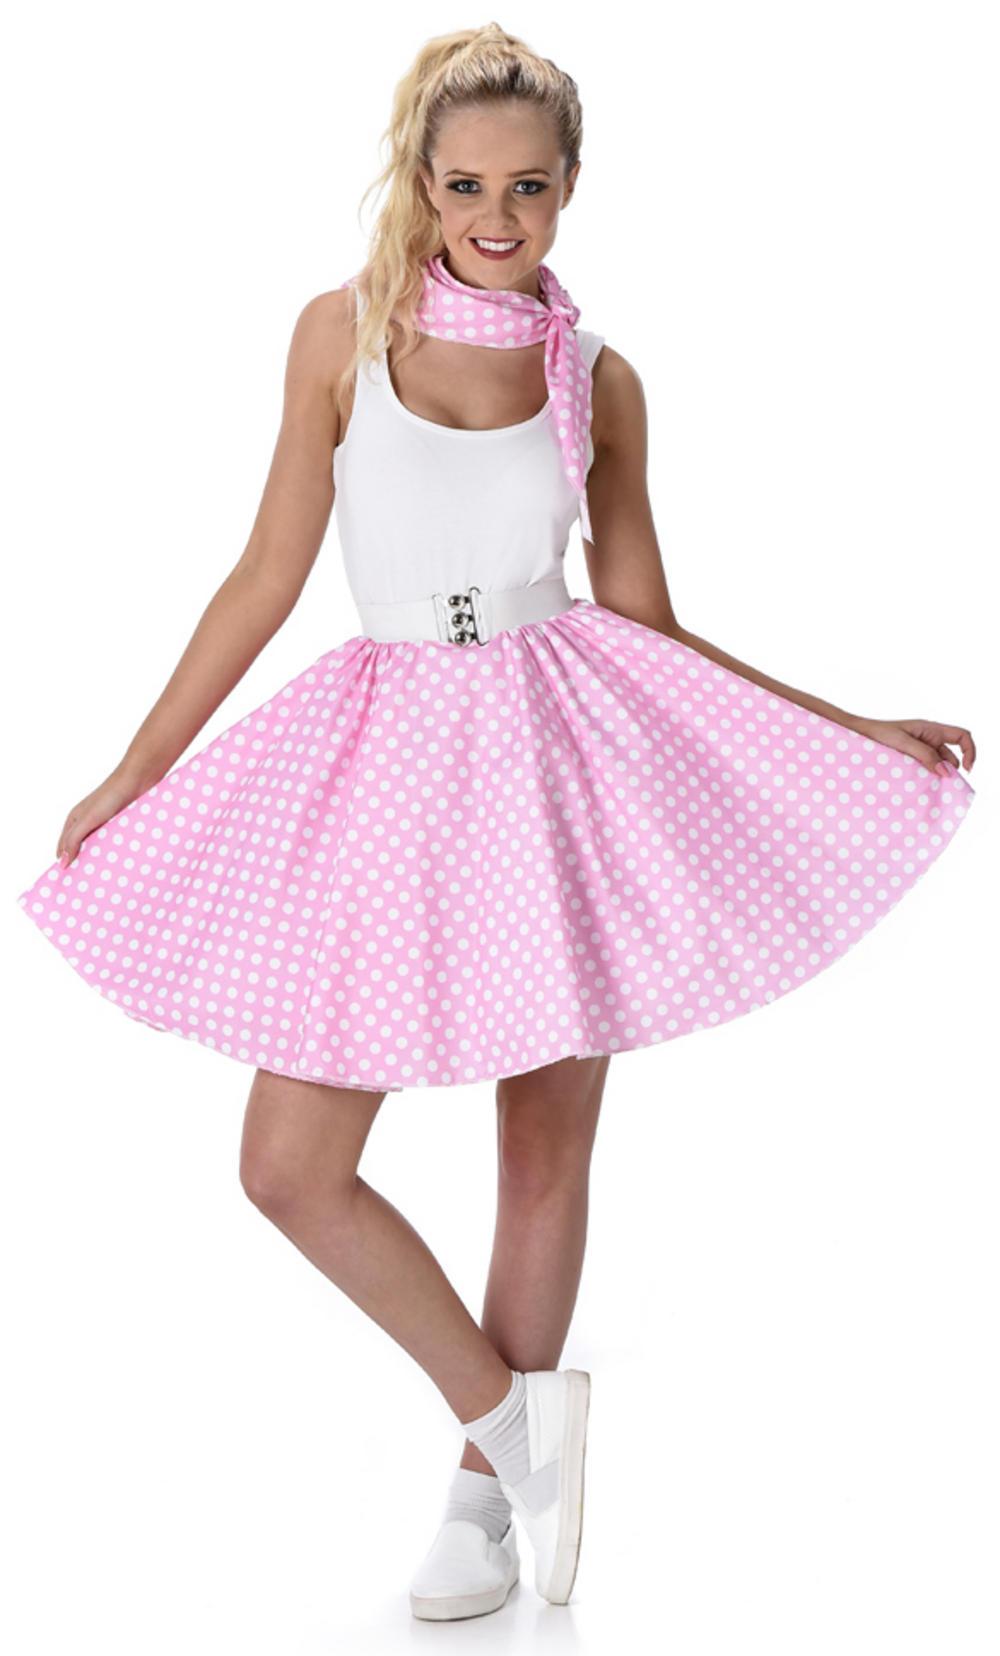 Baby Pink Polka Dot Skirt Ladies Costume | All Ladies ...